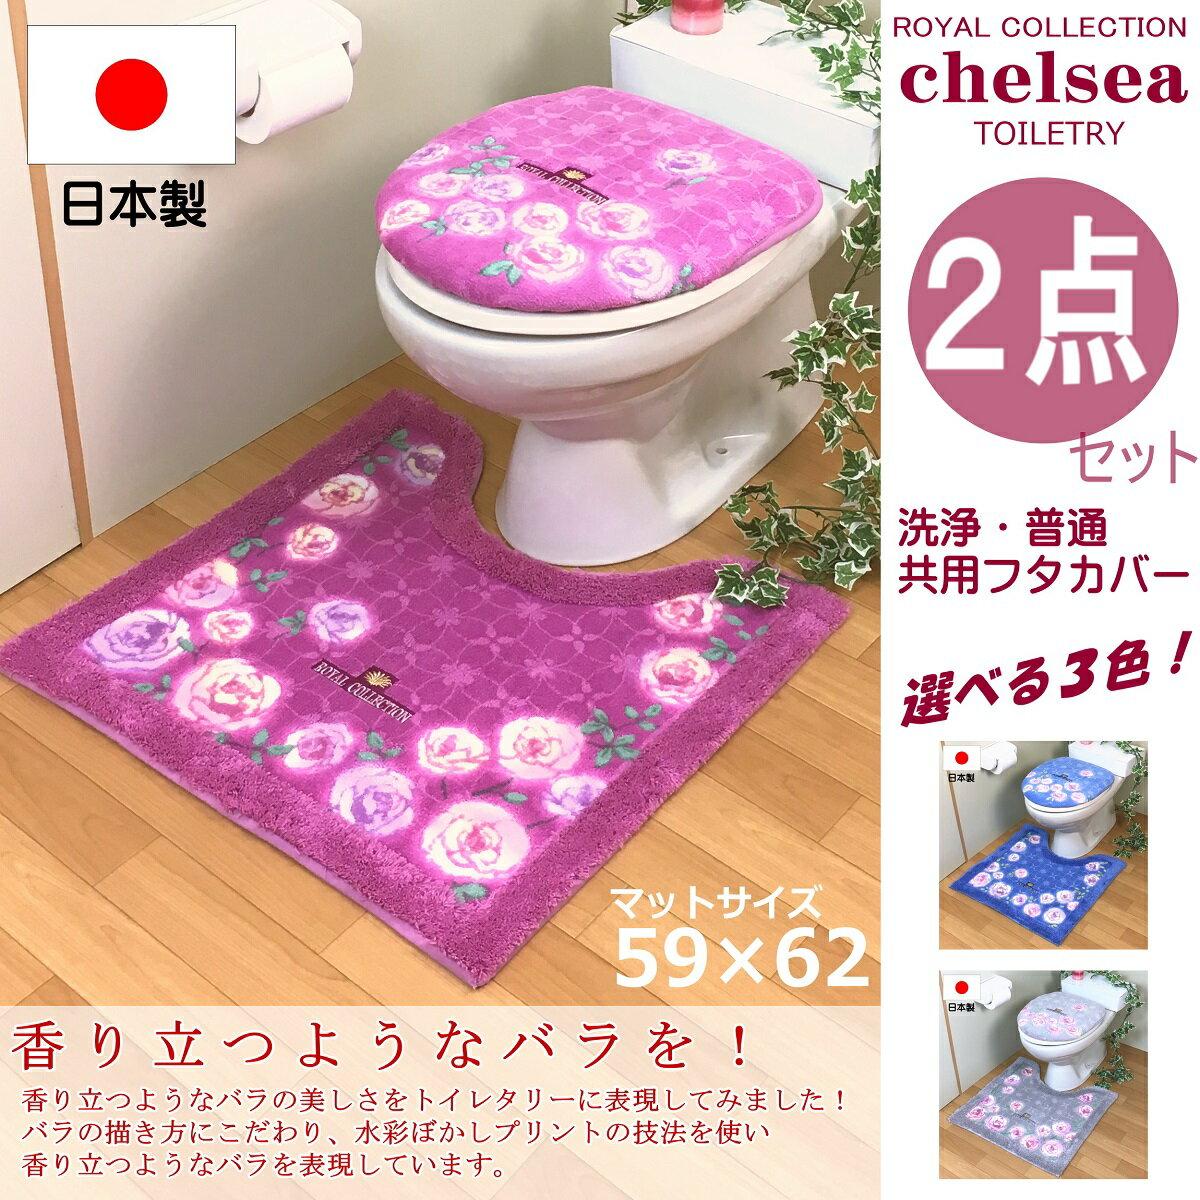 おしゃれ トイレマット セット 2点 洗浄暖房型・普通型 共用ふたカバー ピンク ブルー グレー 日本製 北欧 あざやか バラ 花 フラワー オカ チェルシー